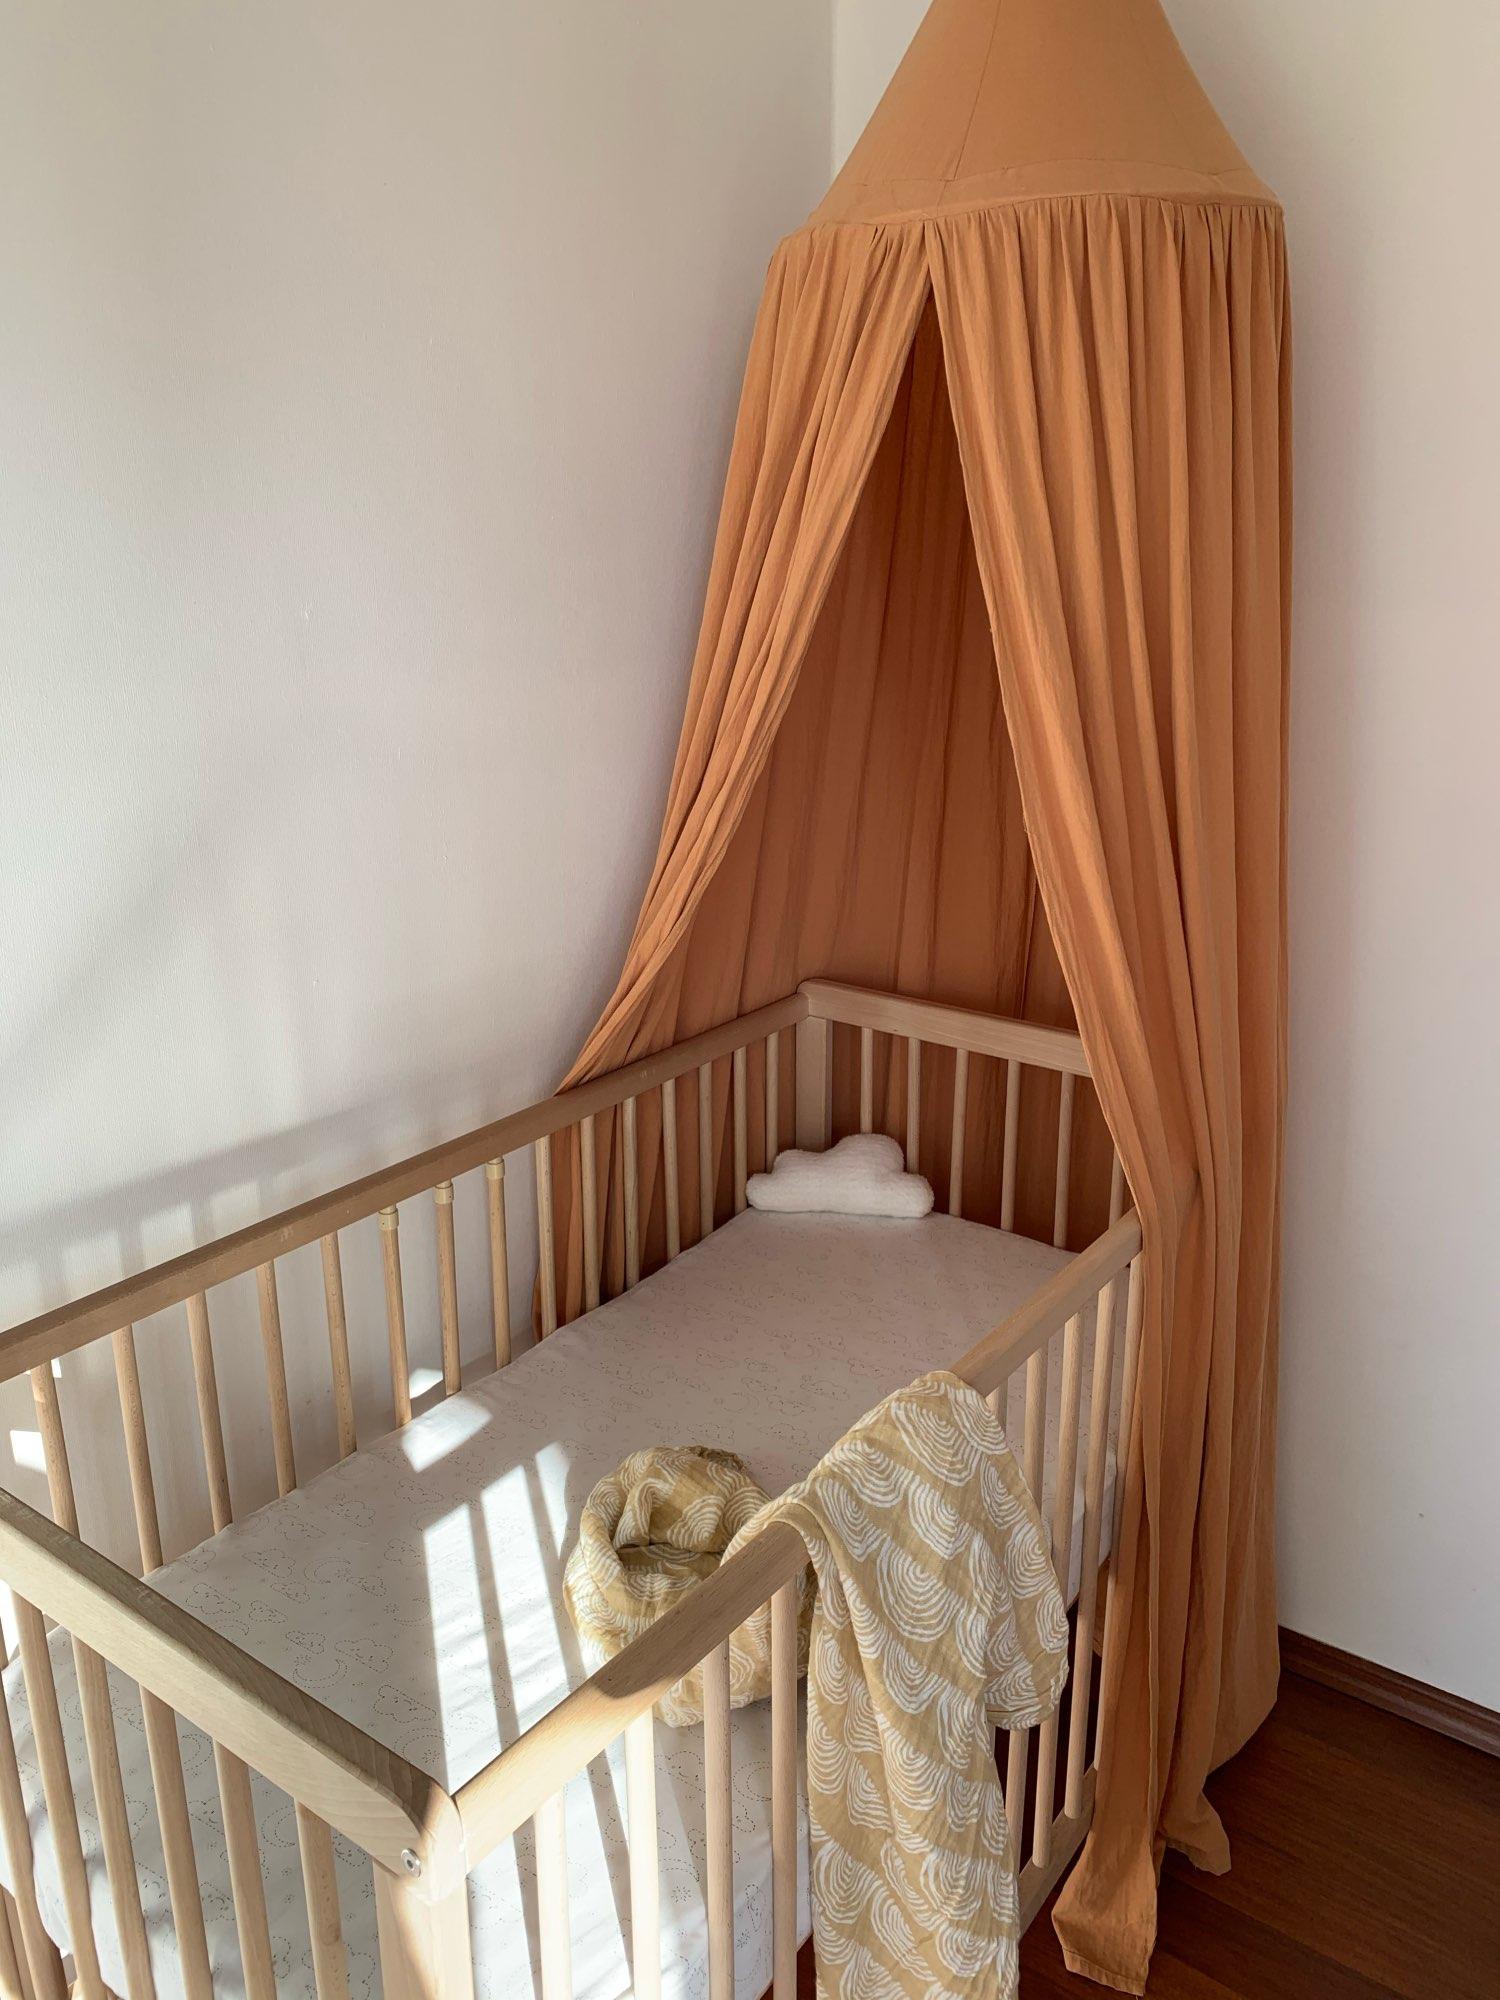 algodao dossel do bebe mosquito criancas decoracao do quarto berco rede tenda bebe